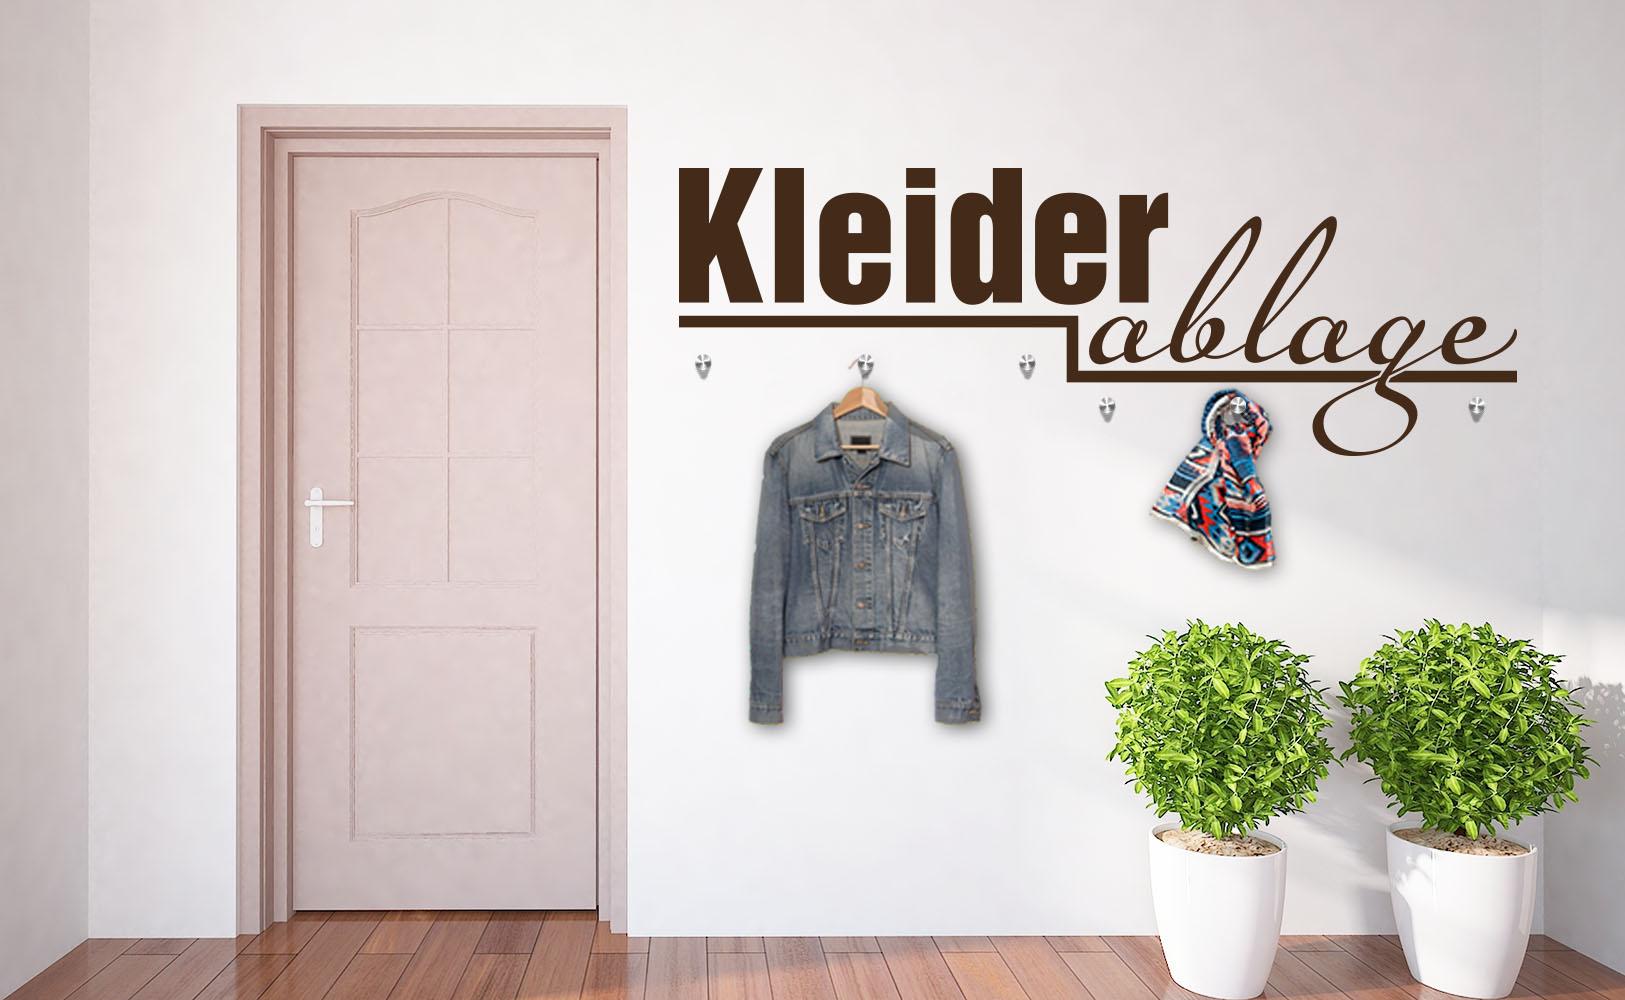 platzsparend und chic - garderoben wandtattoos - Kleiderablage Im Schlafzimmer Kreative Wohnideen